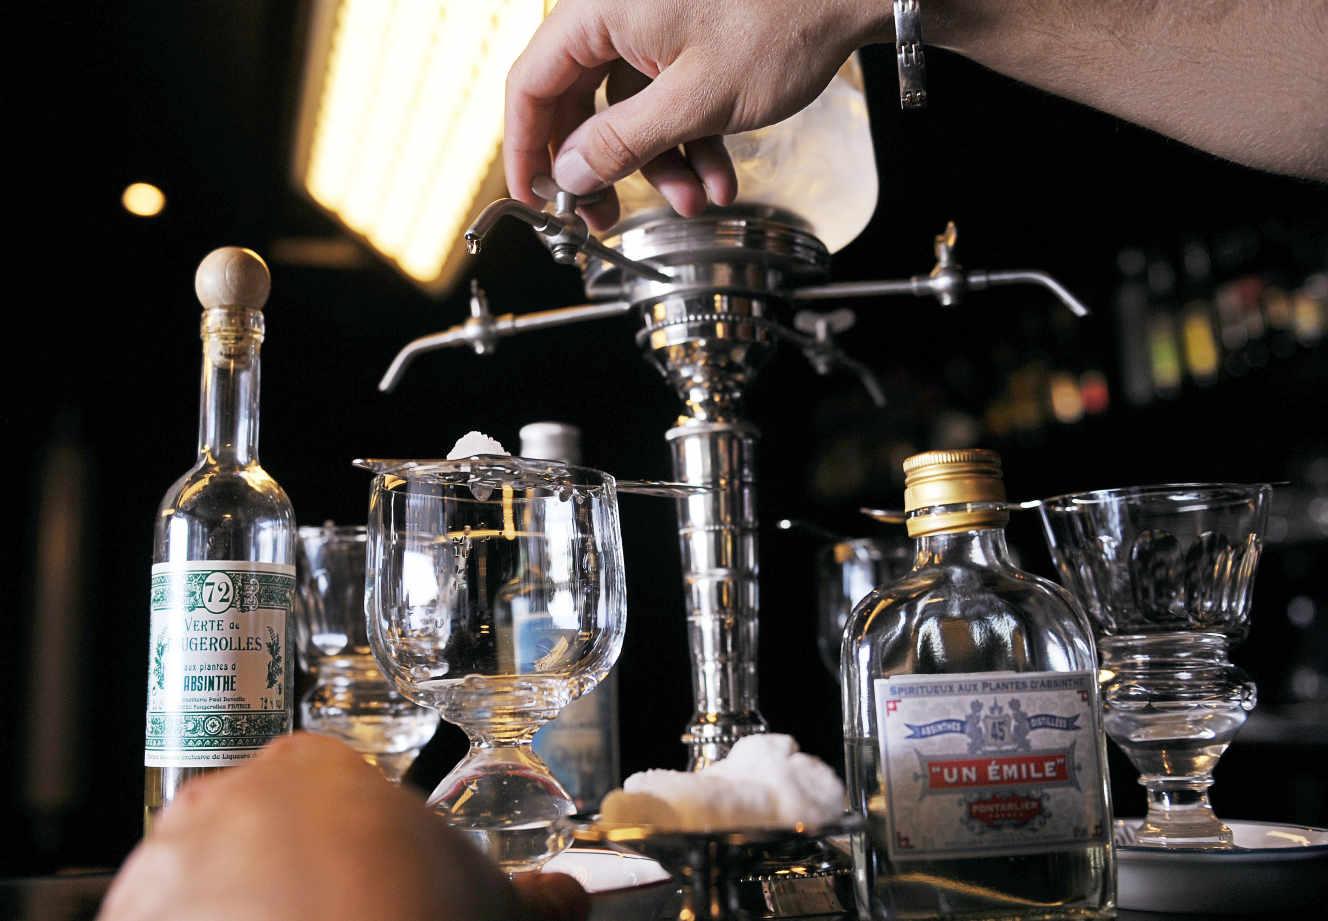 Álcool ligado a 2,8 milhões de mortes por ano em todo o mundo